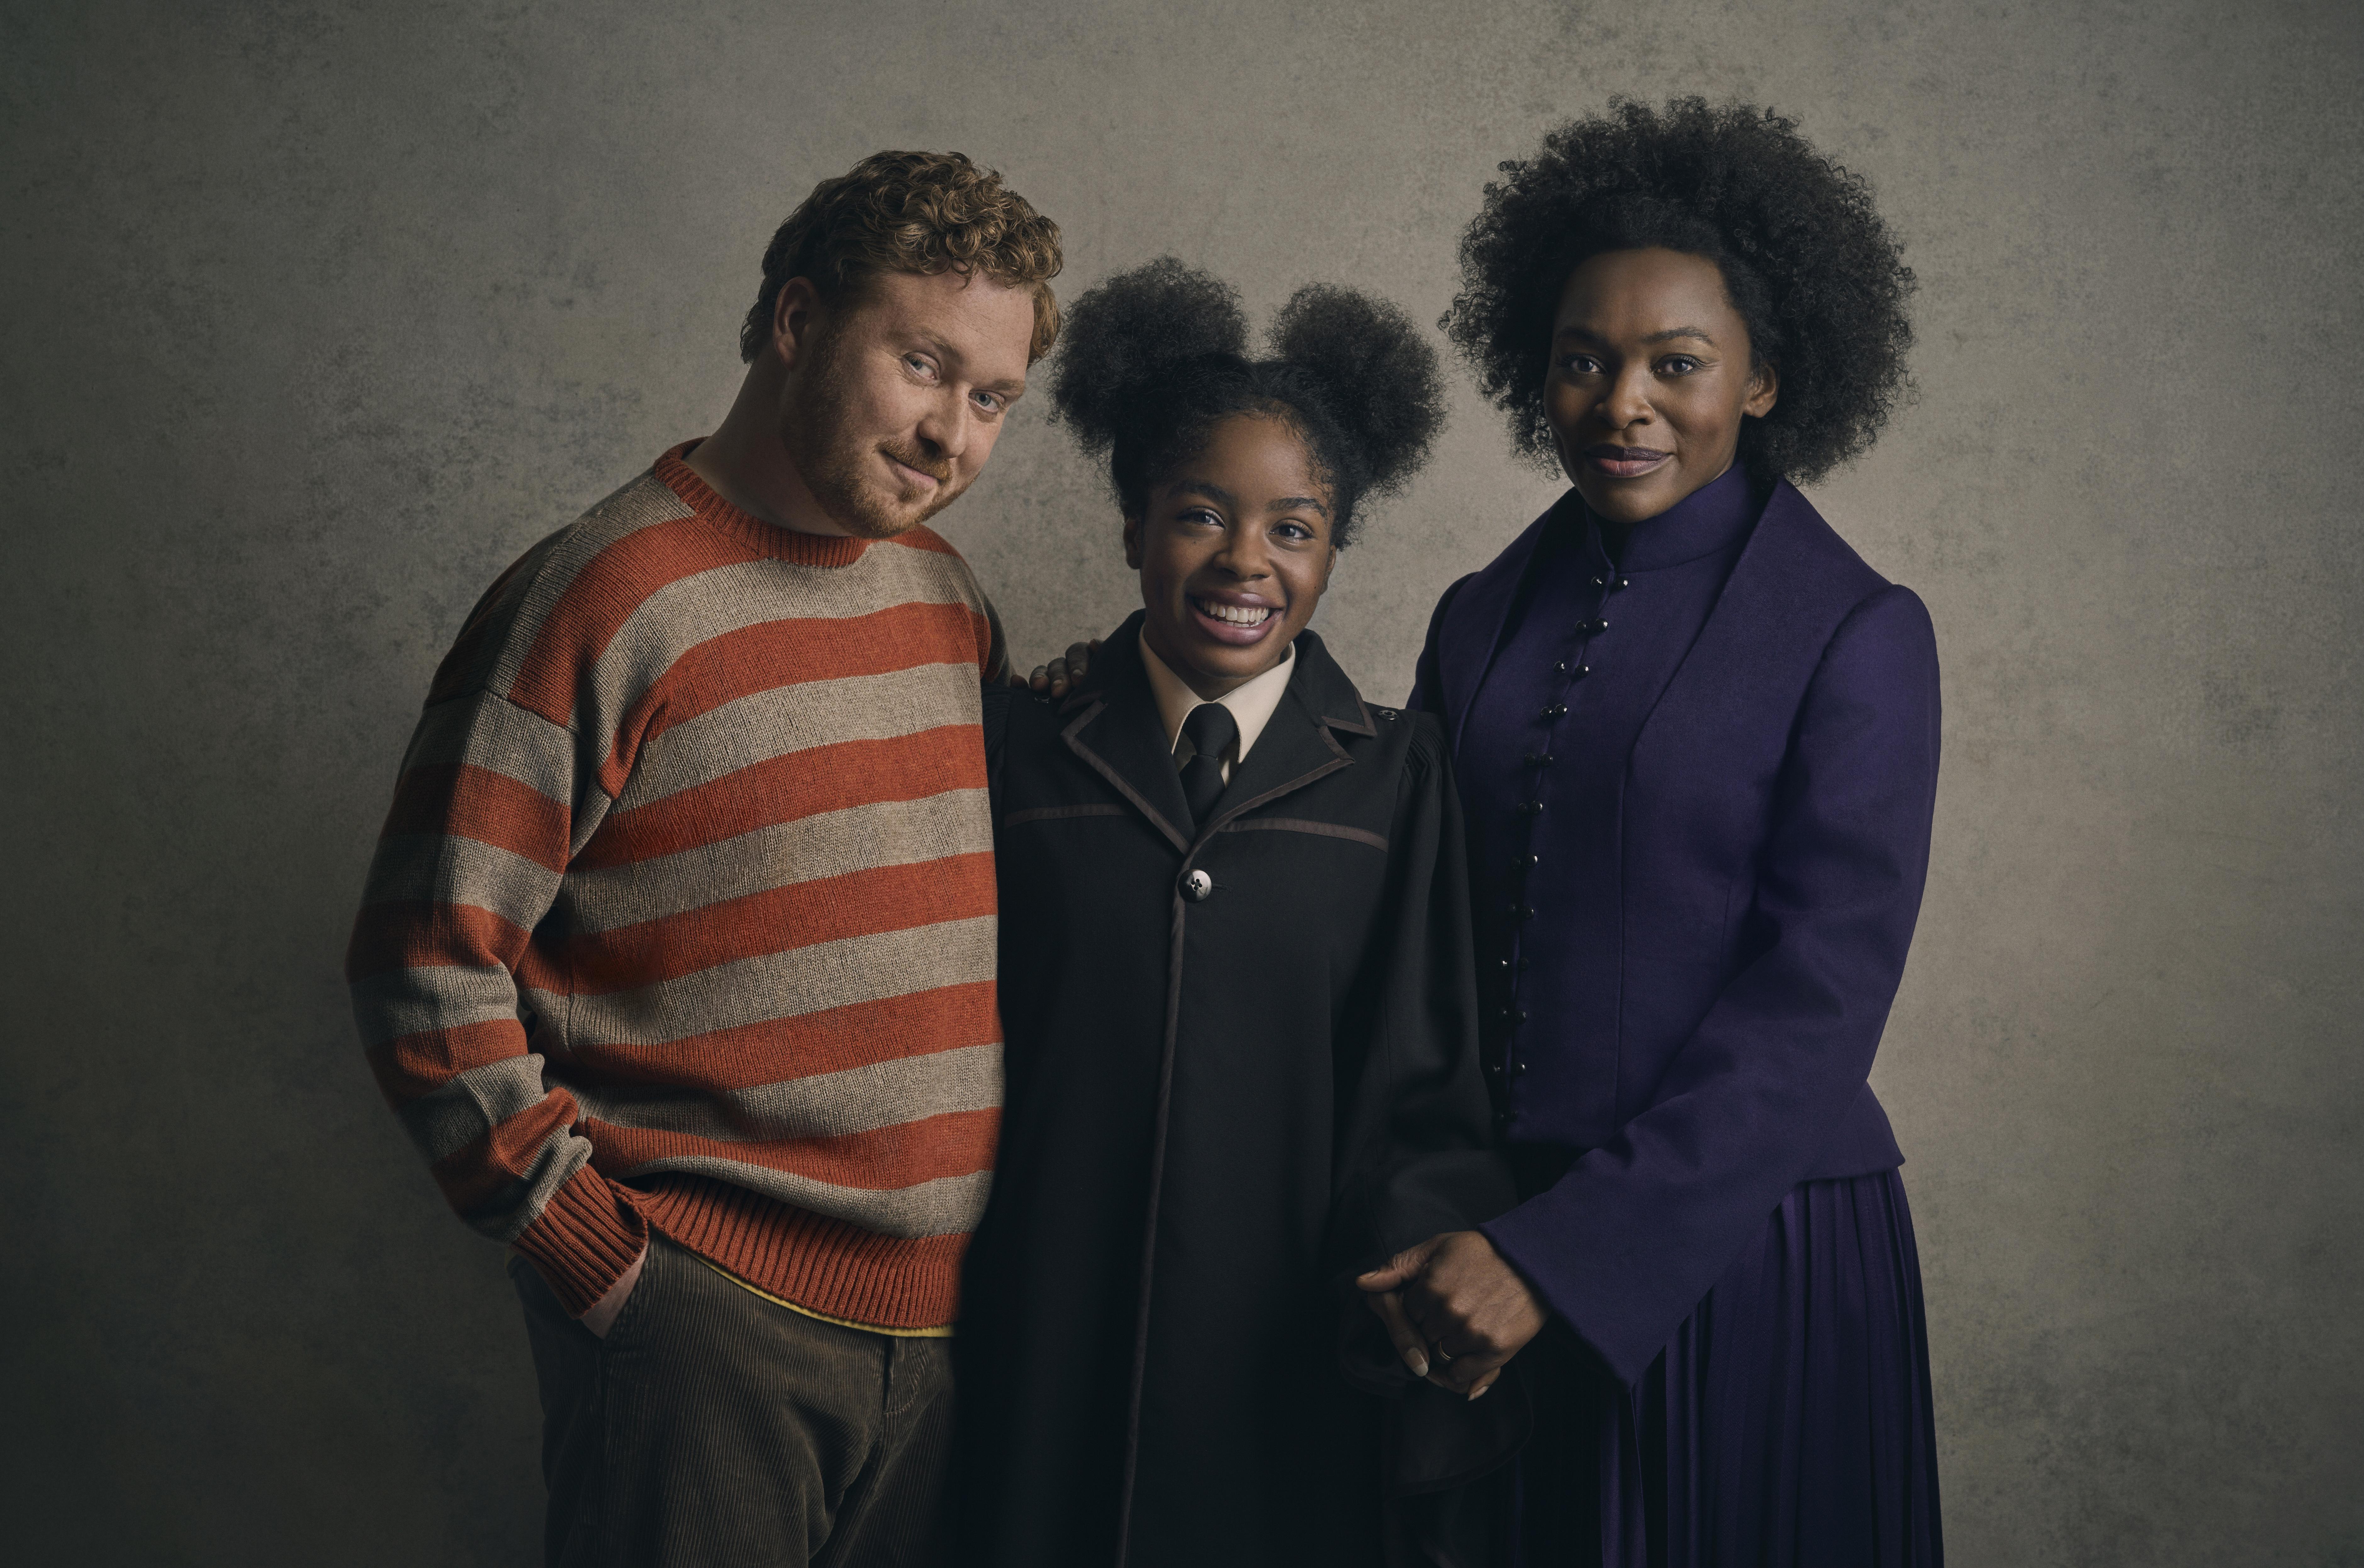 Thomas Aldridge as Ron Weasley, Rakie Ayola as Hermione Granger and Helen Aluko as Rose Granger-Weasley